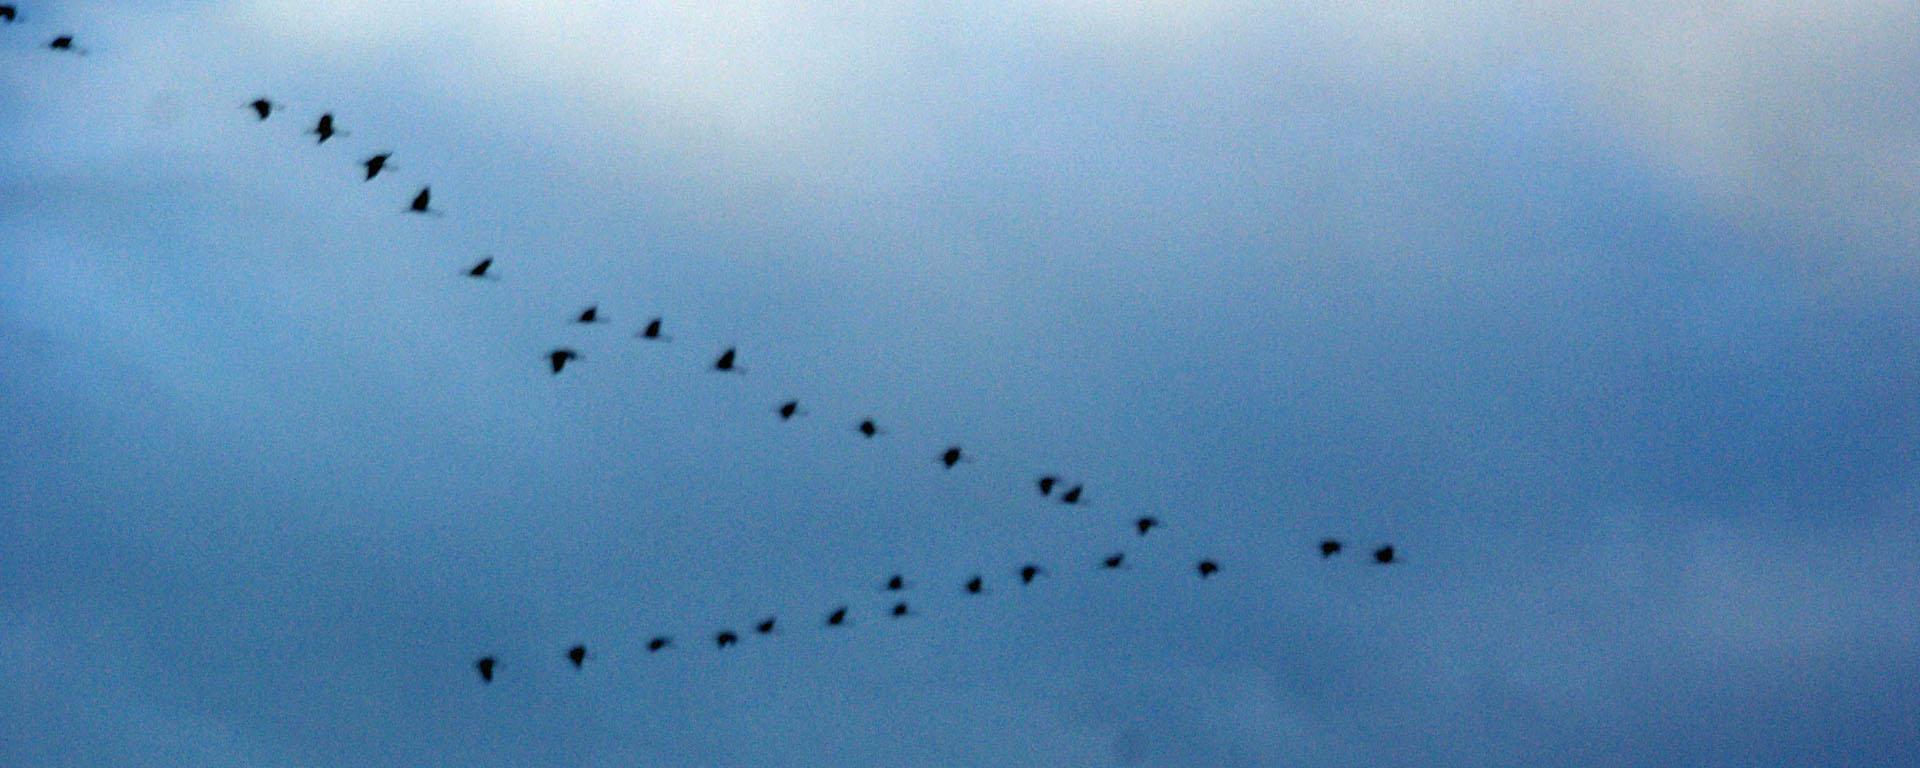 Den Flug der Kraniche